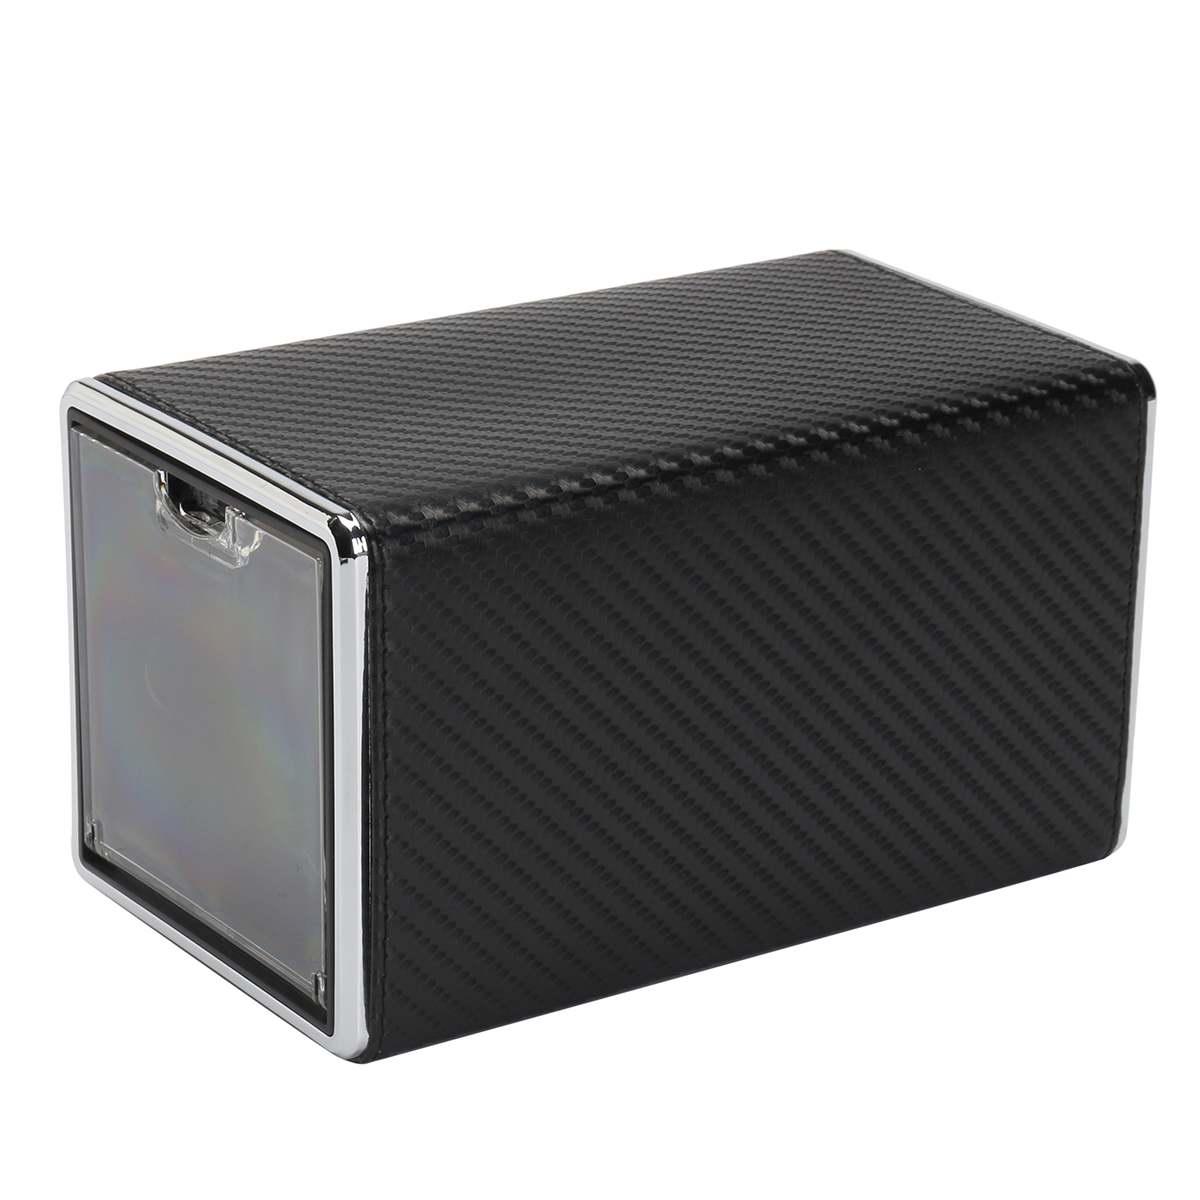 Rotation automatique montre boîte remontoir boîtes d'affichage Transparent couverture bijoux boîte d'affichage montres stockage organisateur sac nouveau